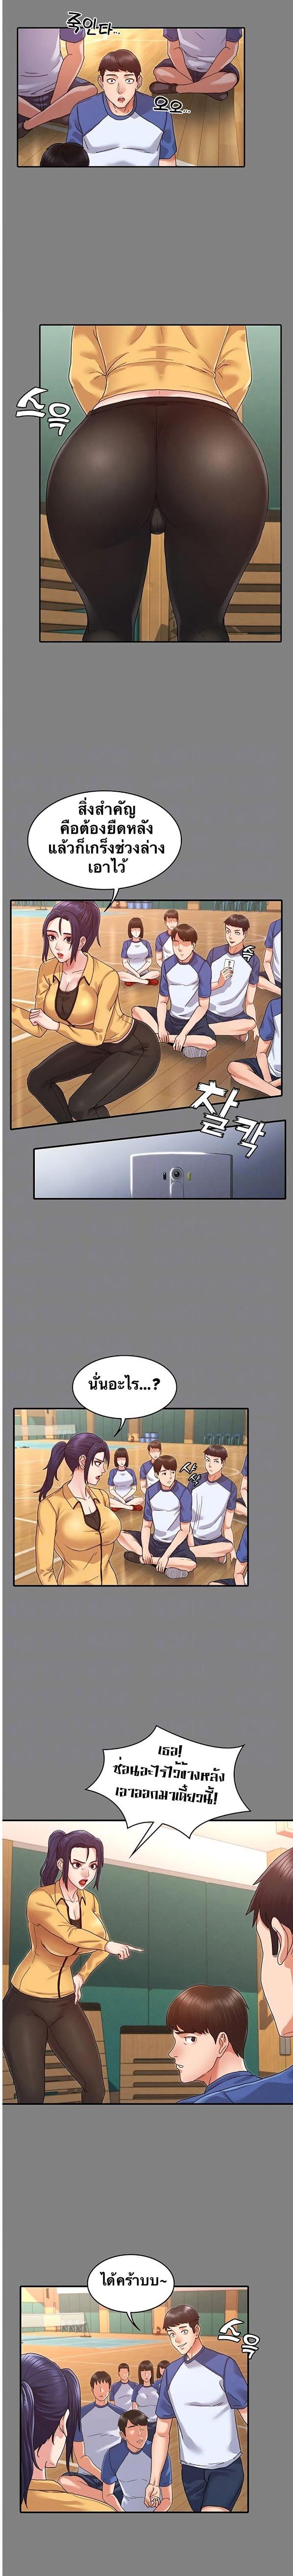 Teacher Punishment - หน้า 5